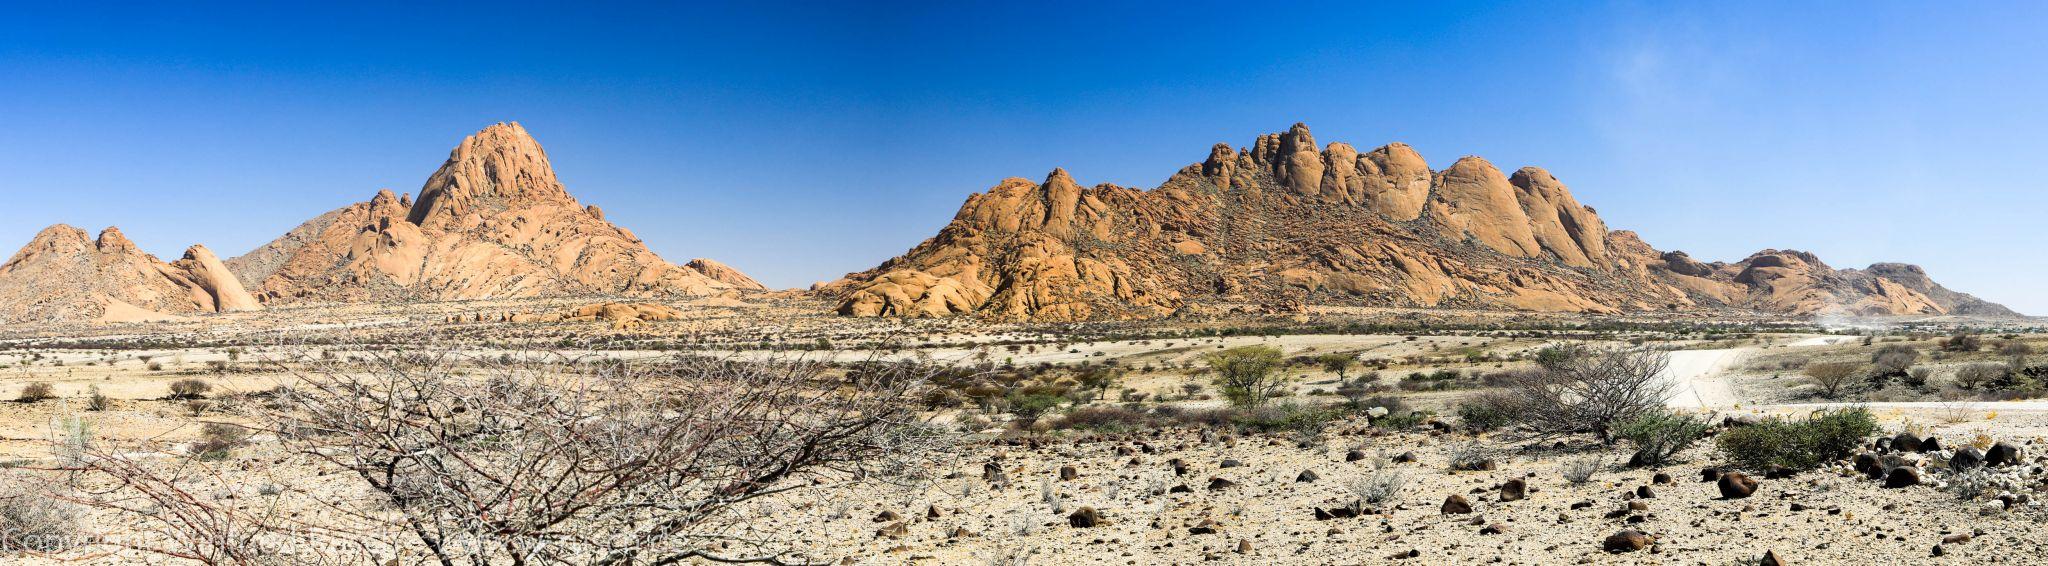 Spitzkoppe in Namibia, Namibia